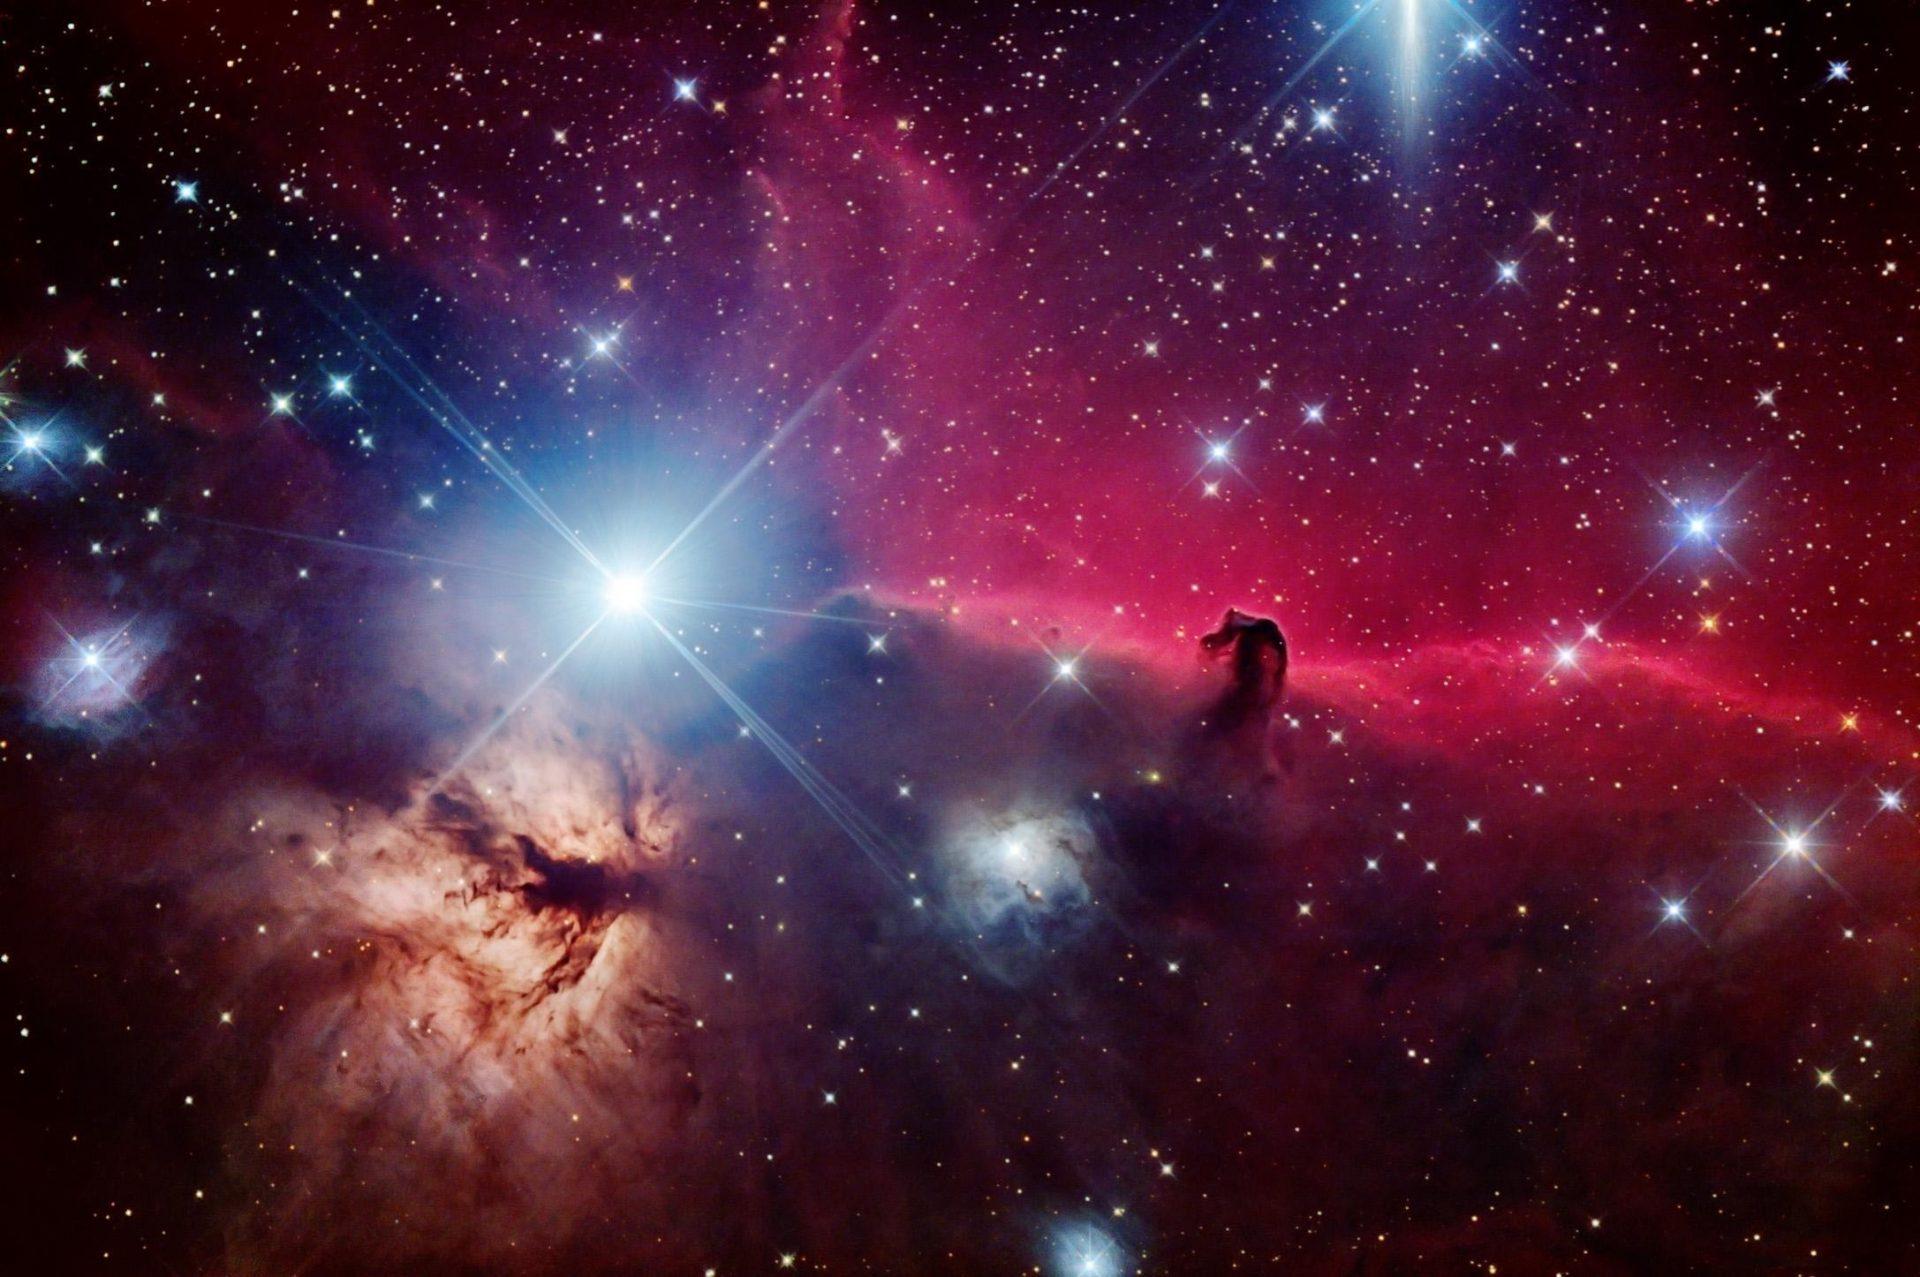 требуемые картинки красивого космоса покой, всплеск эмоций